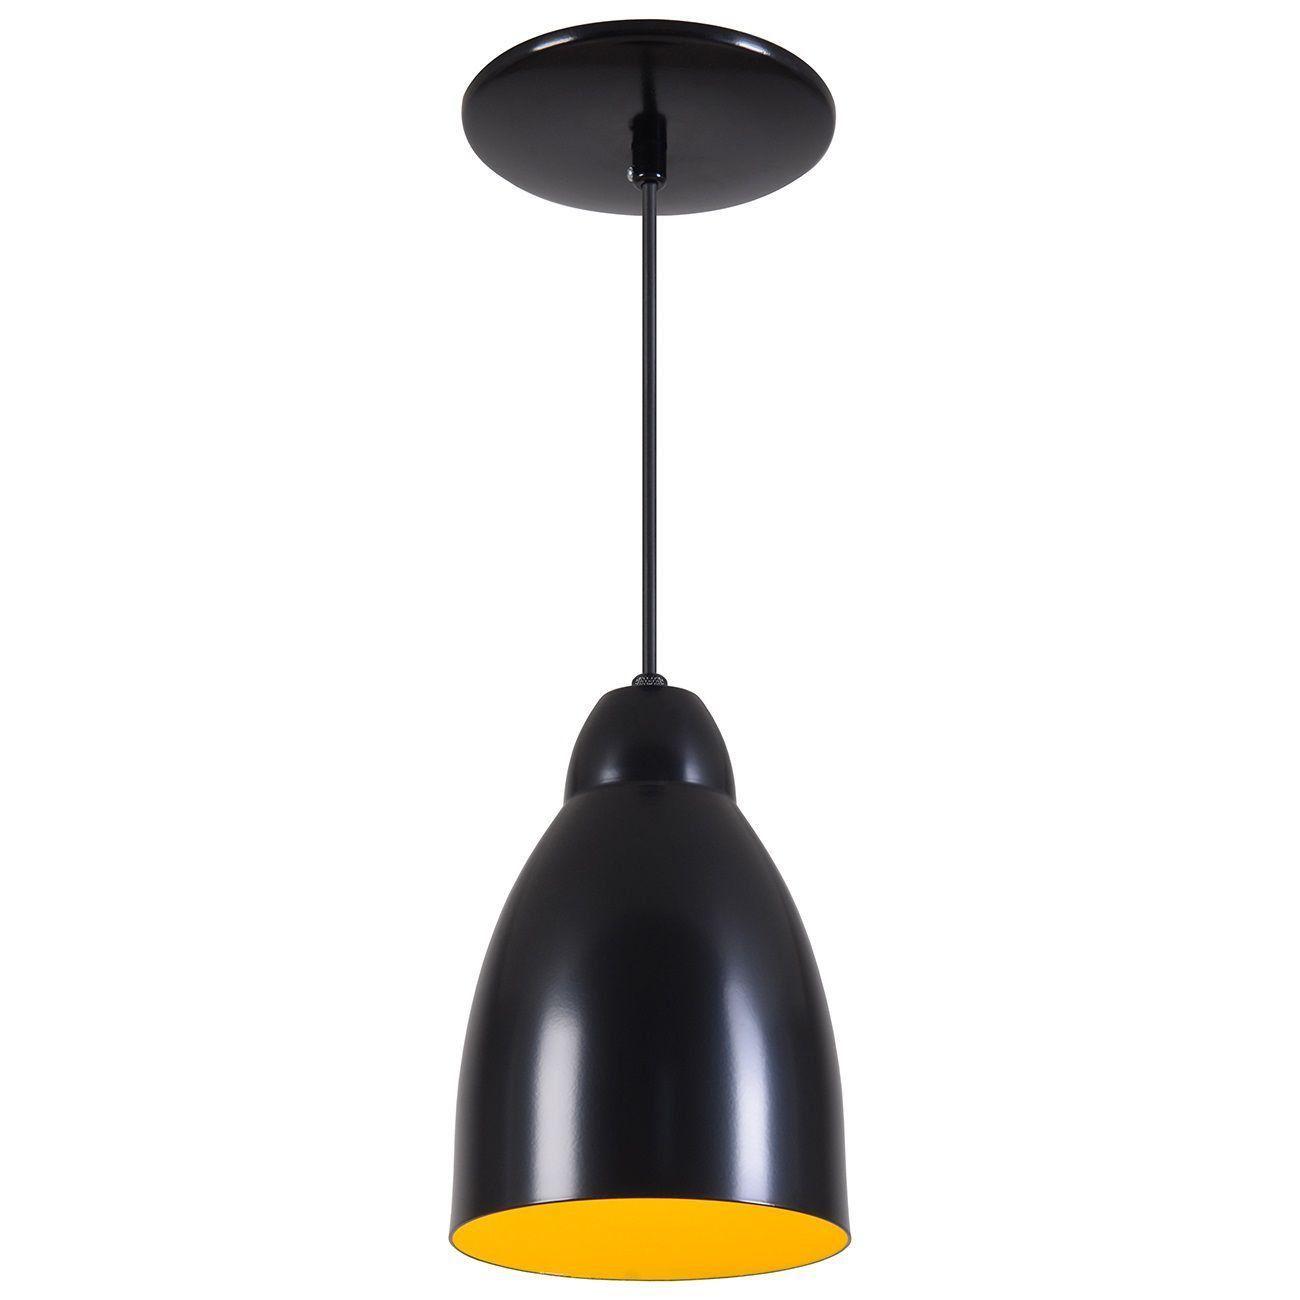 Pendente Bala Luminária Lustre Alumínio Preto Fosco C/ Amarelo - Rei Da Iluminação